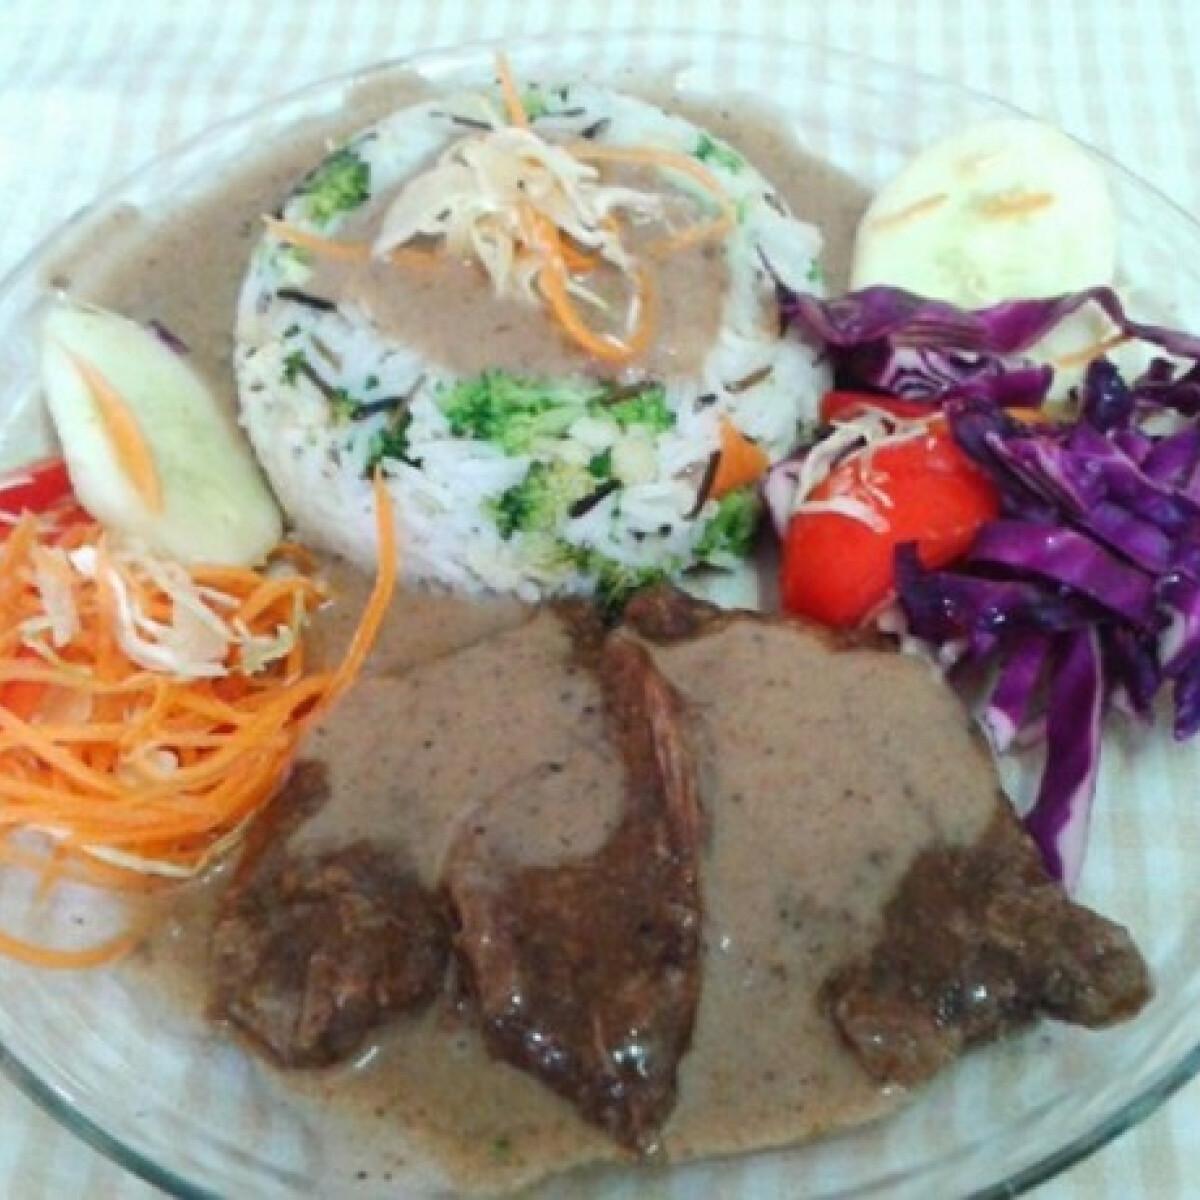 Ezen a képen: Vörösboros szószos sütőben sült marhahús